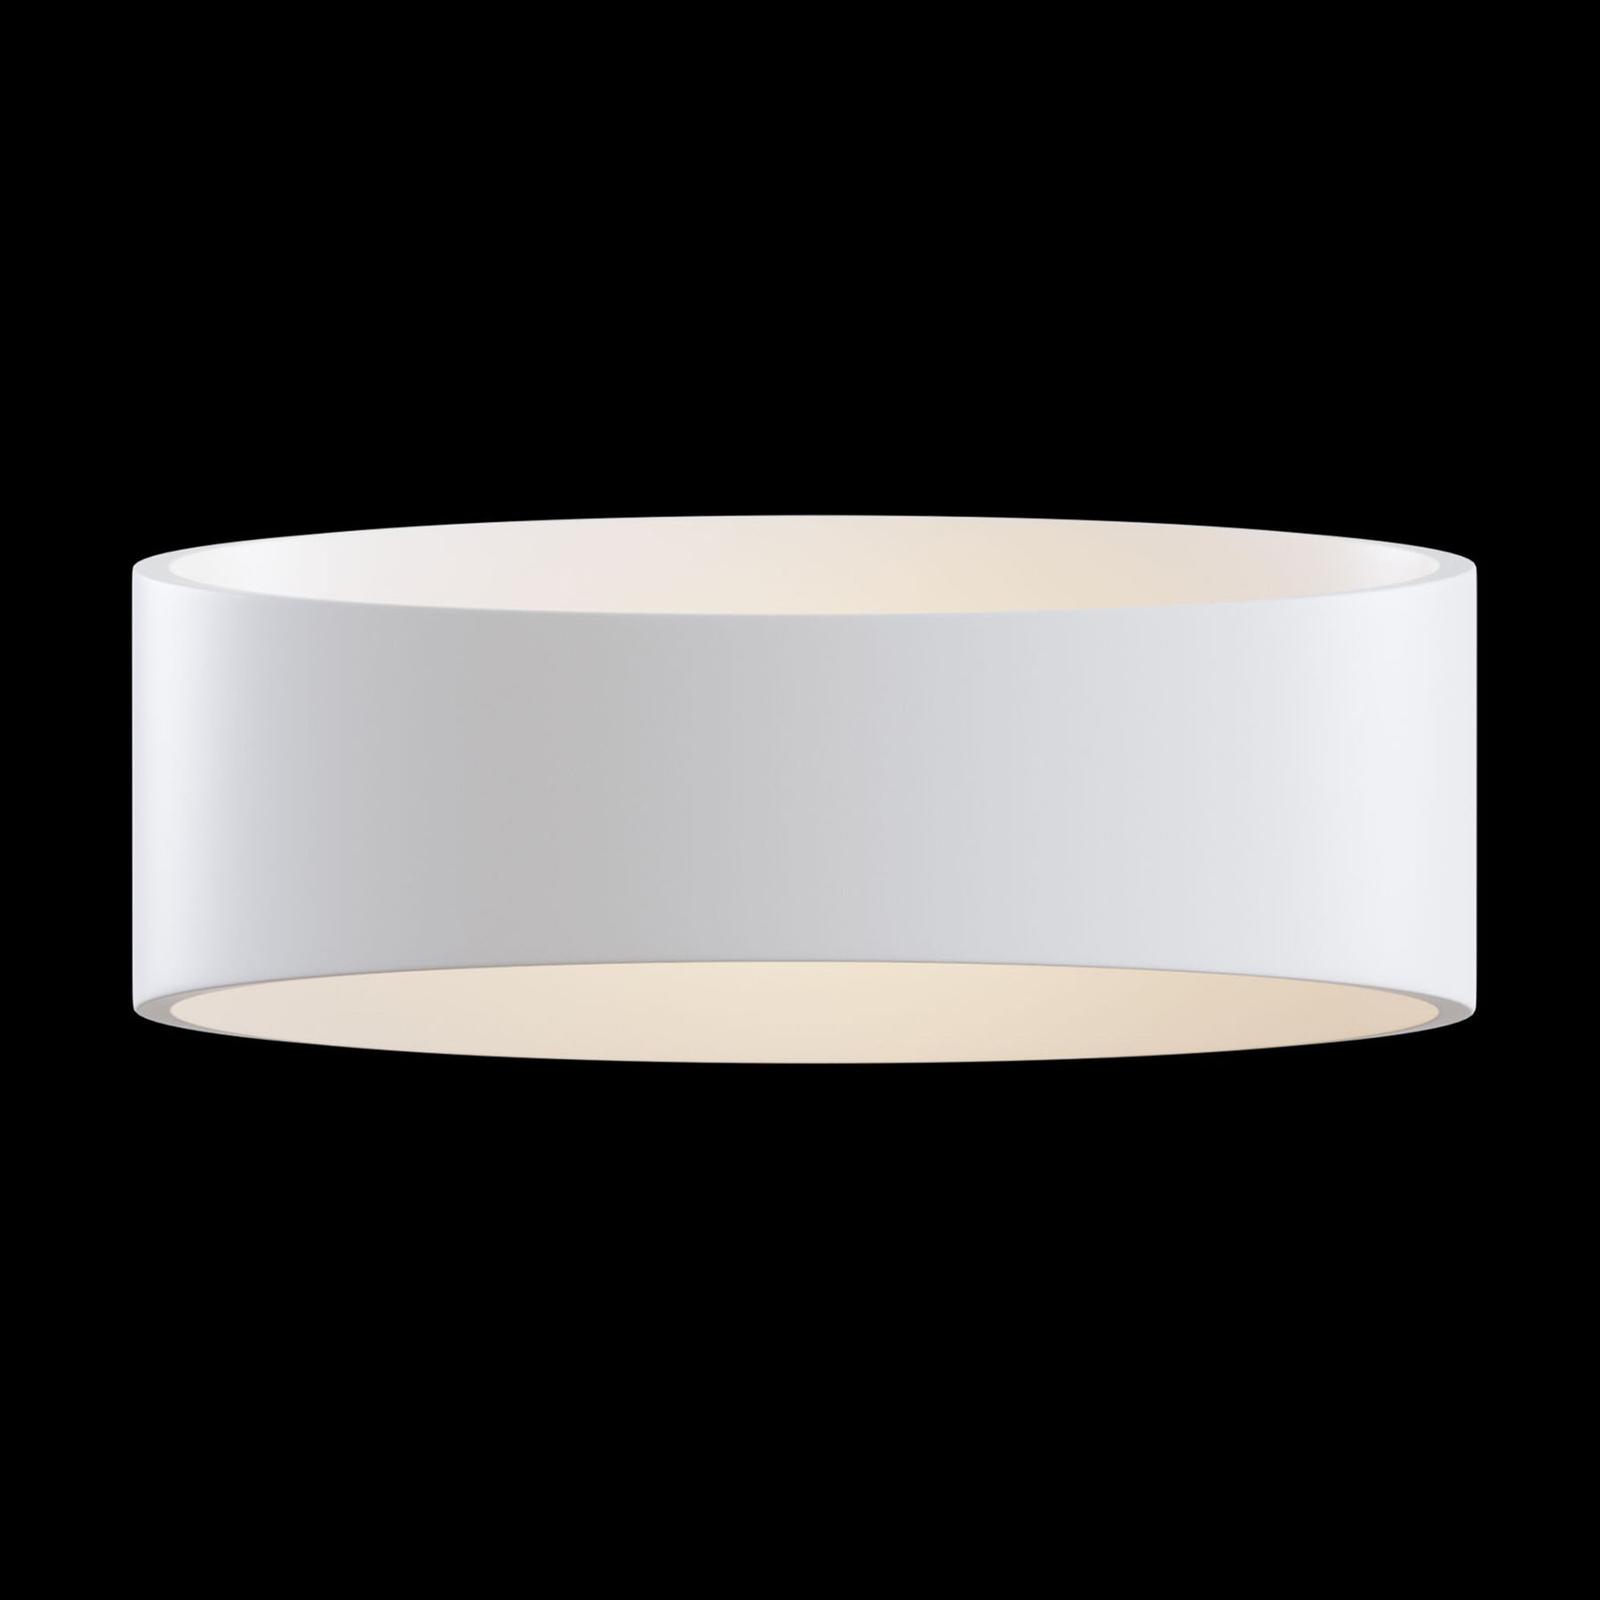 Applique LED Trame, forme ovale en blanc